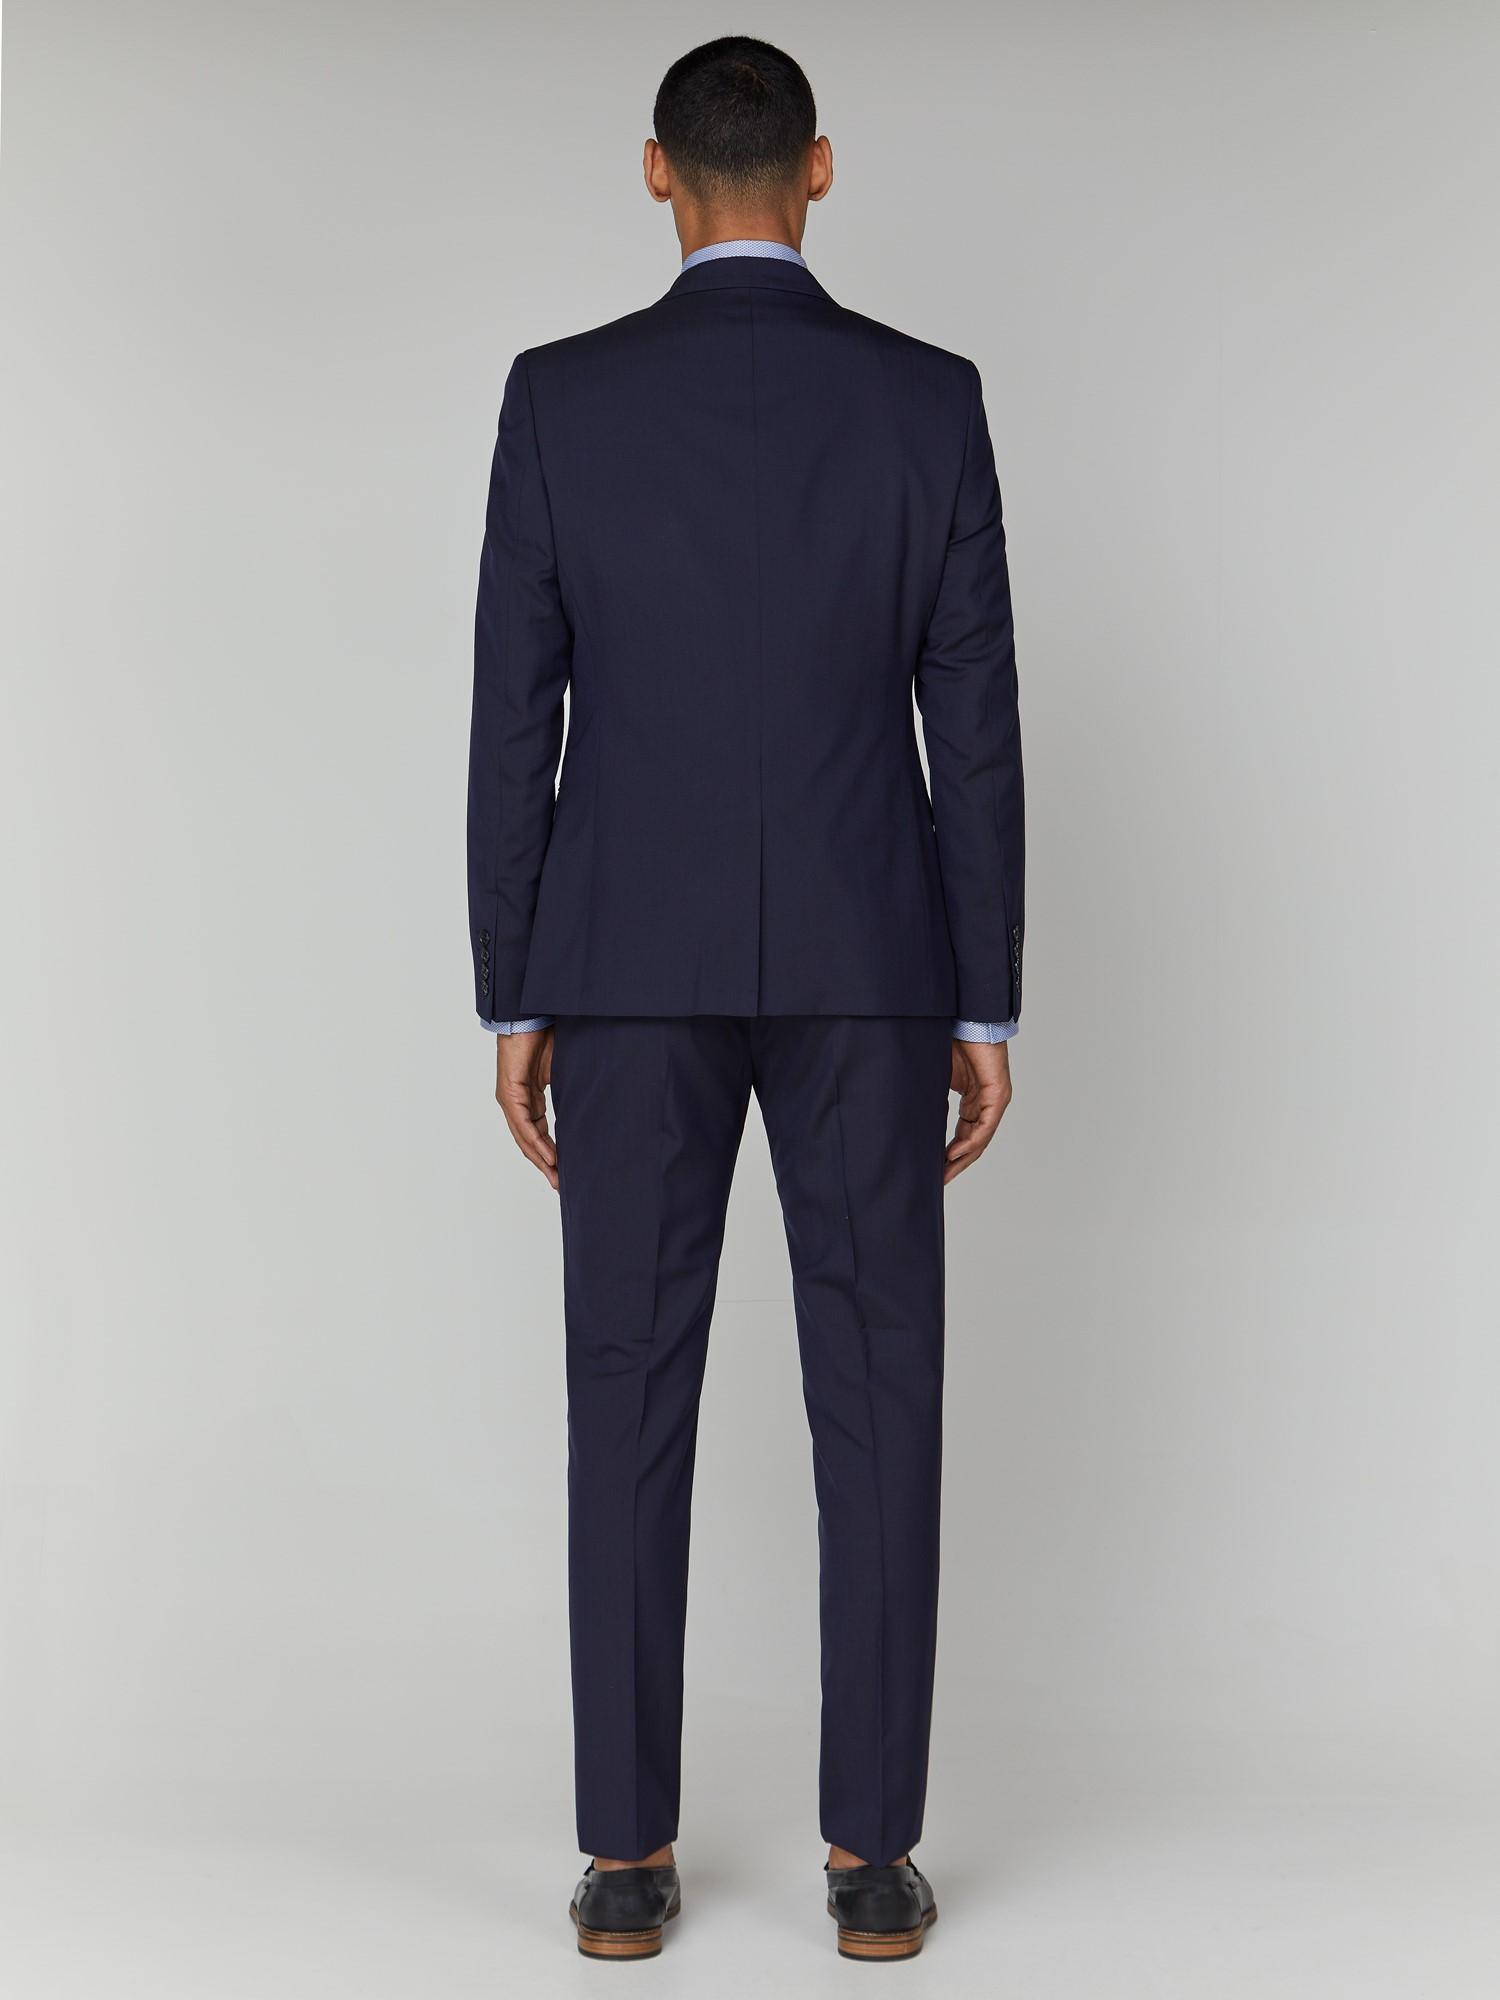 Blue Depths Tonic Camden Fit Trouser